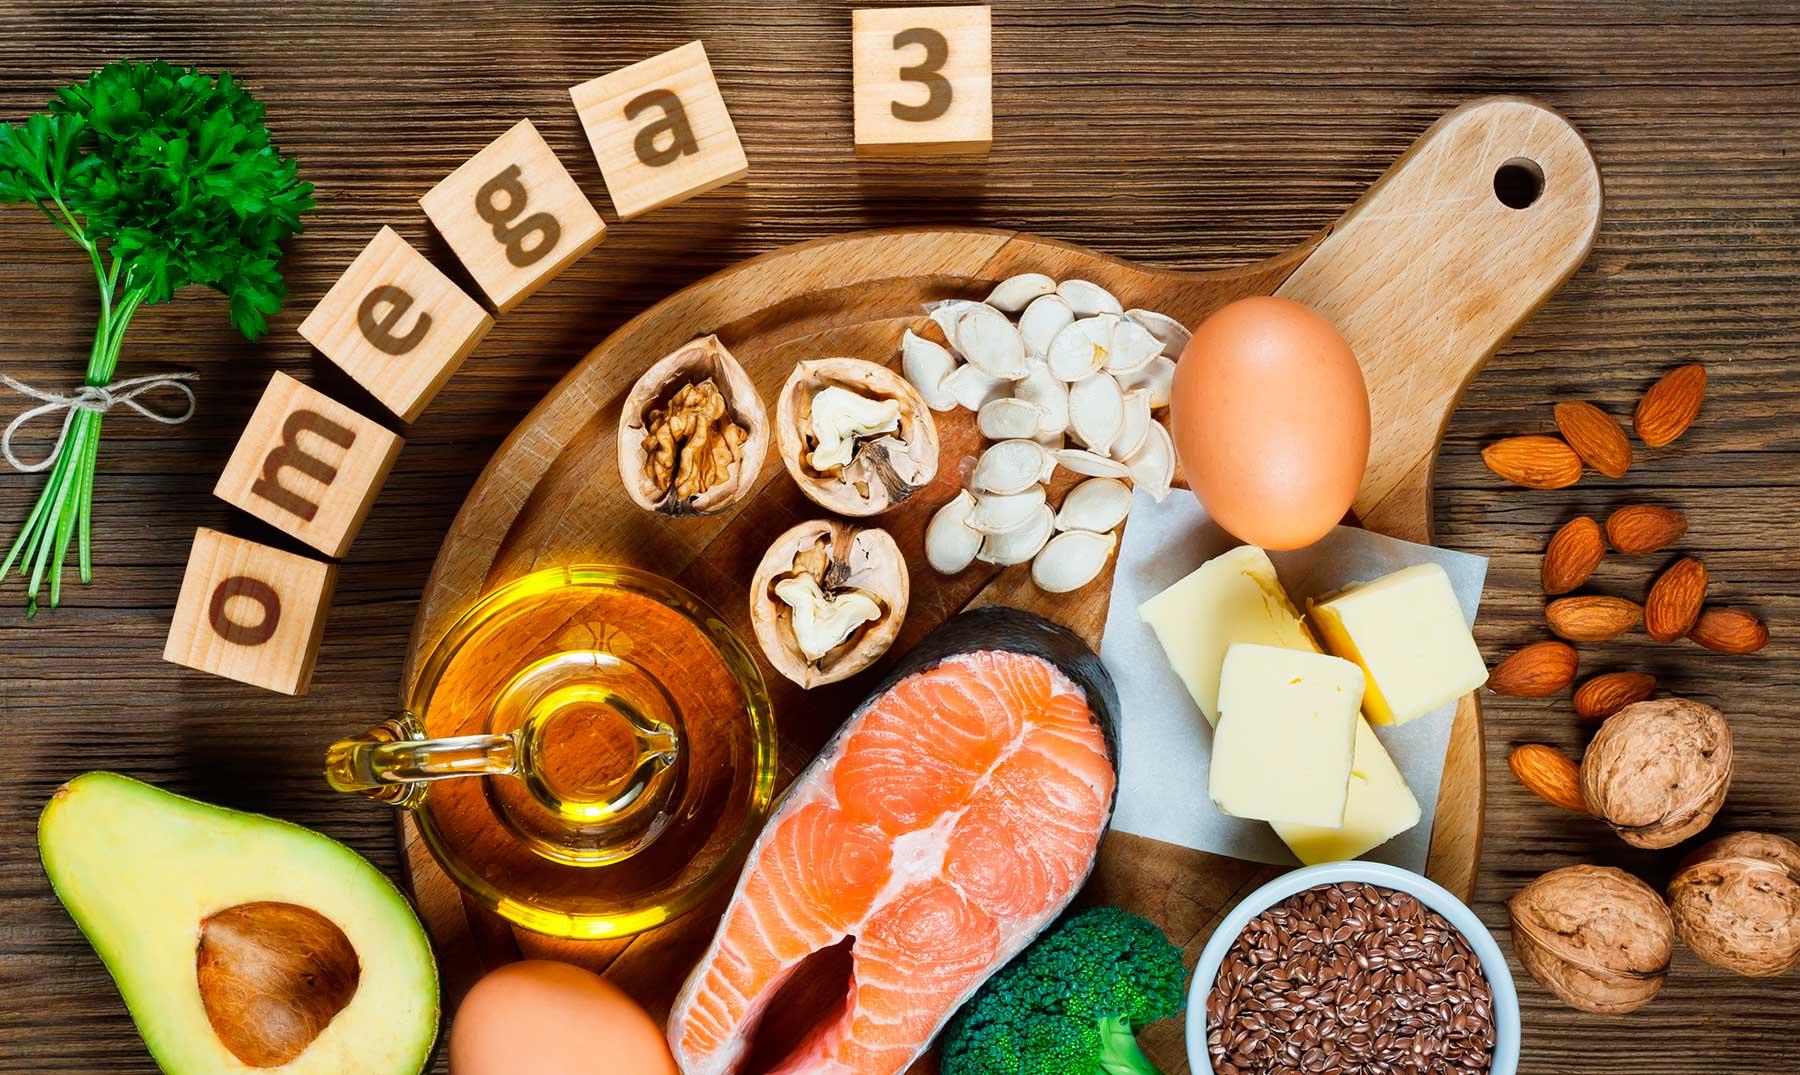 Los beneficios de los ácidos grasos omega 3. ¡Concócelos!